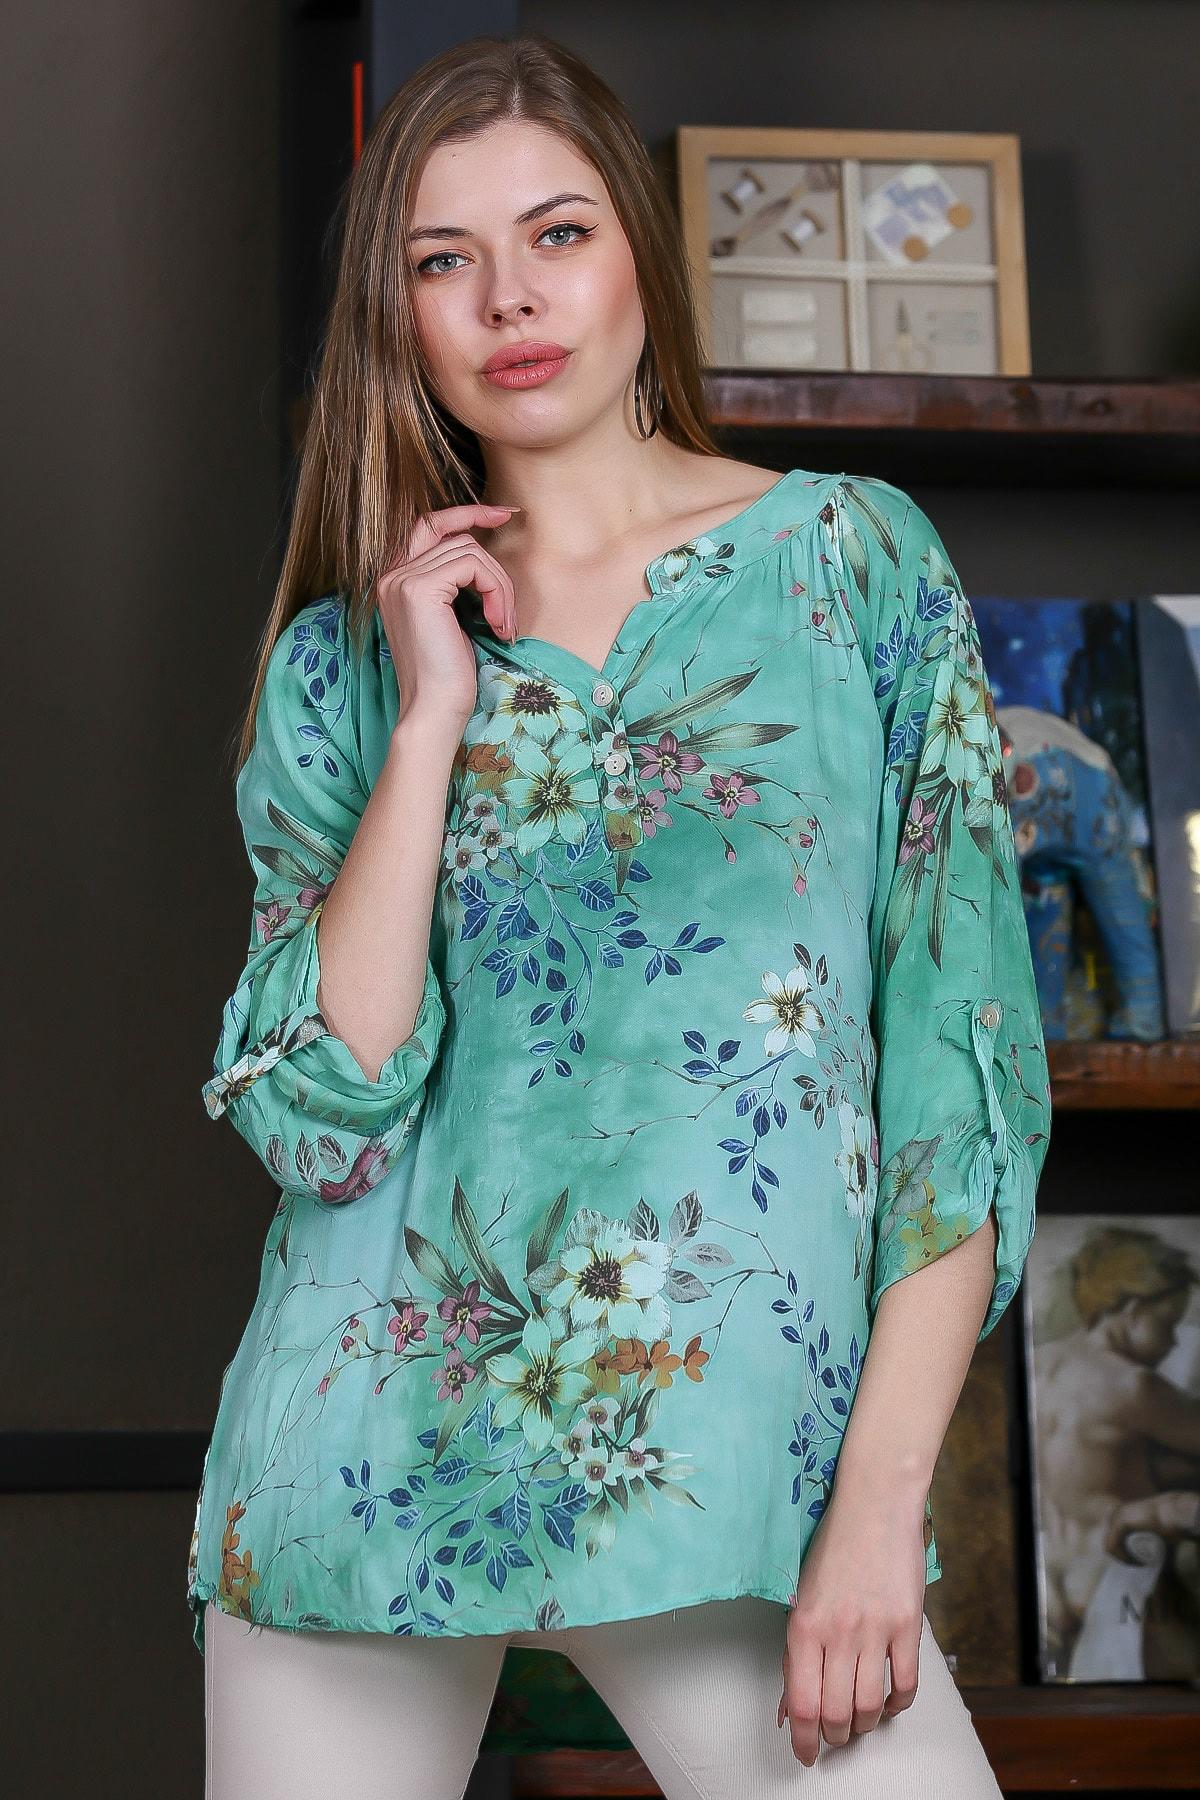 Chiccy Kadın Yeşil İtalyan Bahar Dalı Desenli Patı Düğme Detaylı 3/4 Kol Ayarlı Bluz M10010200BL95497